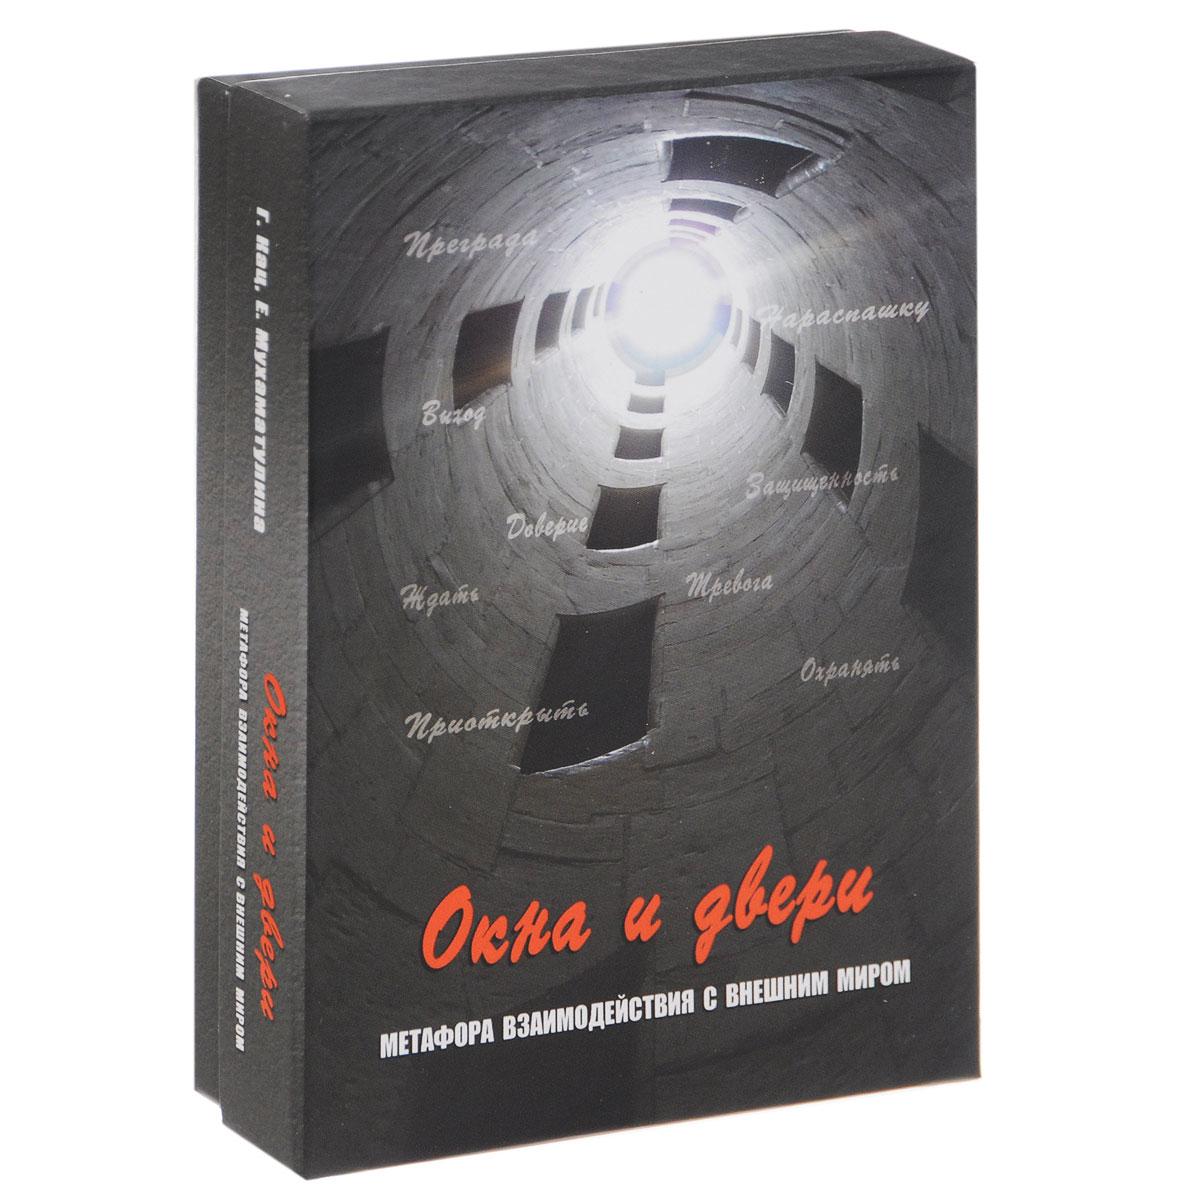 """Метафорические карты с инструкцией Генезис """"Окна и двери. Метафора взаимодействий с внешним миром"""", 112 карт"""